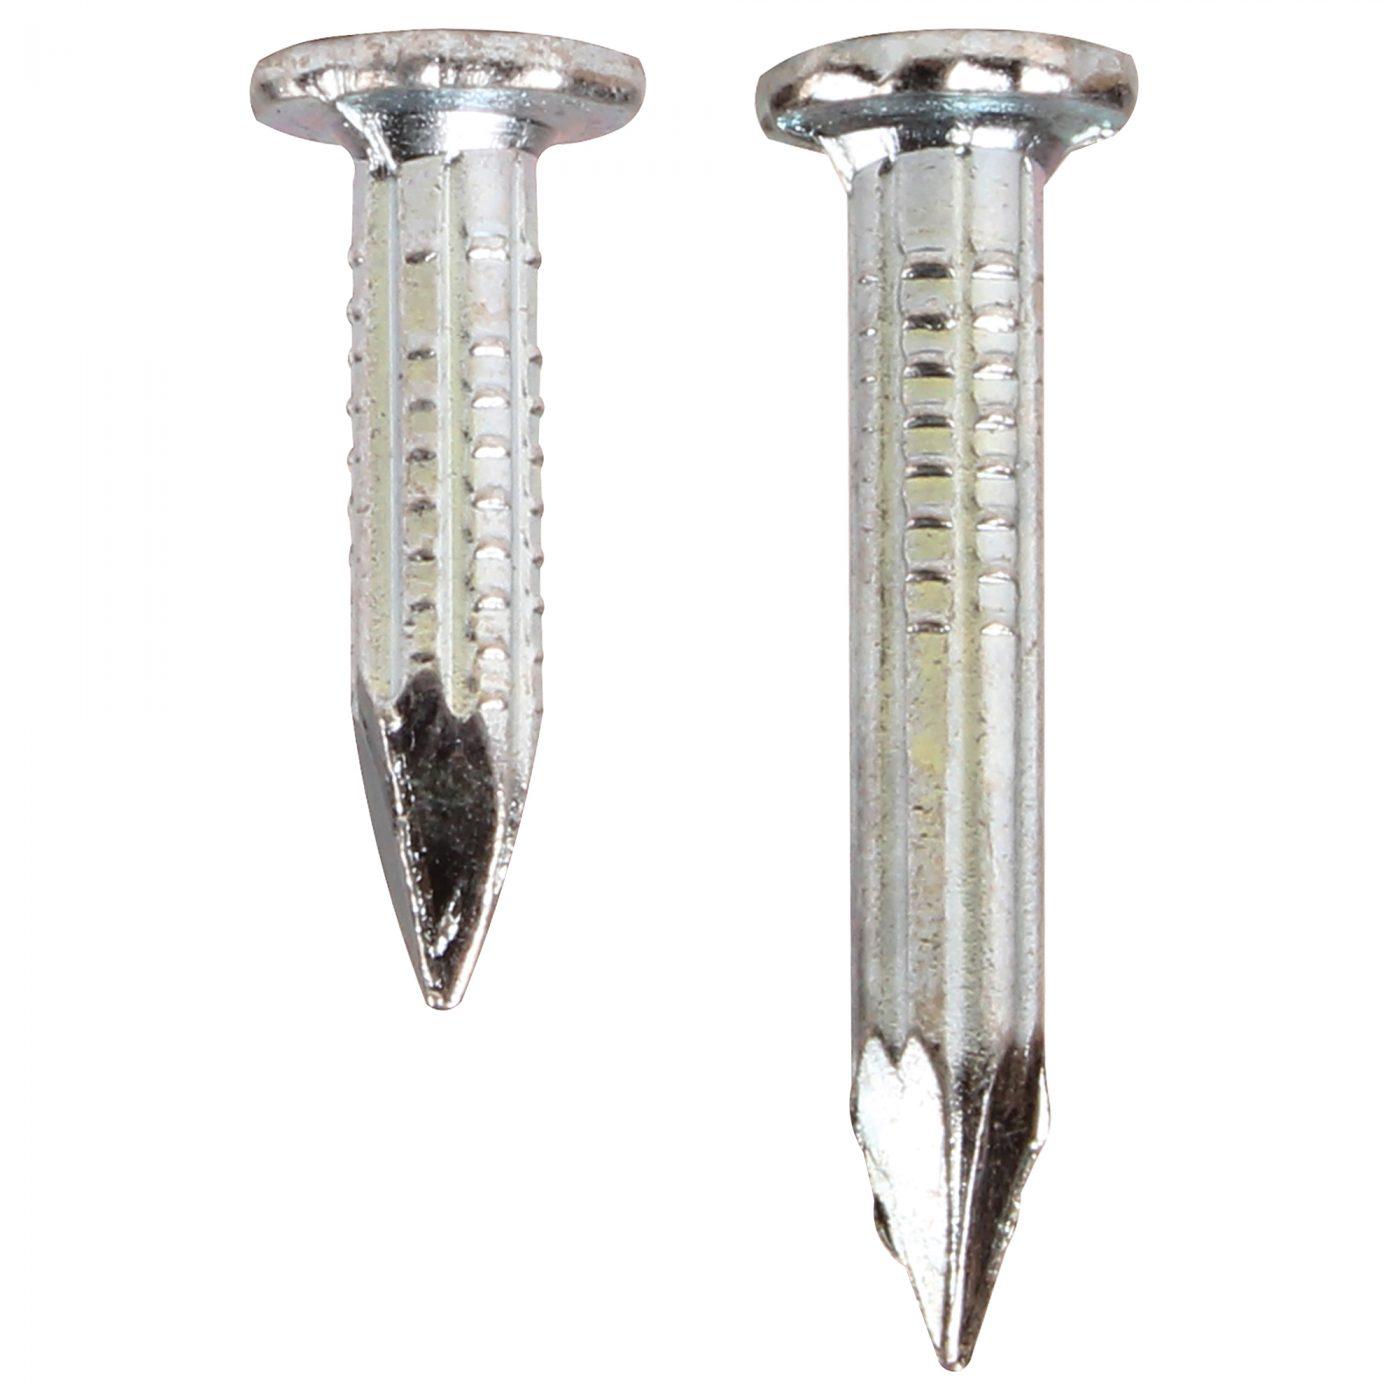 9 Gauge Fluted Masonry Nails